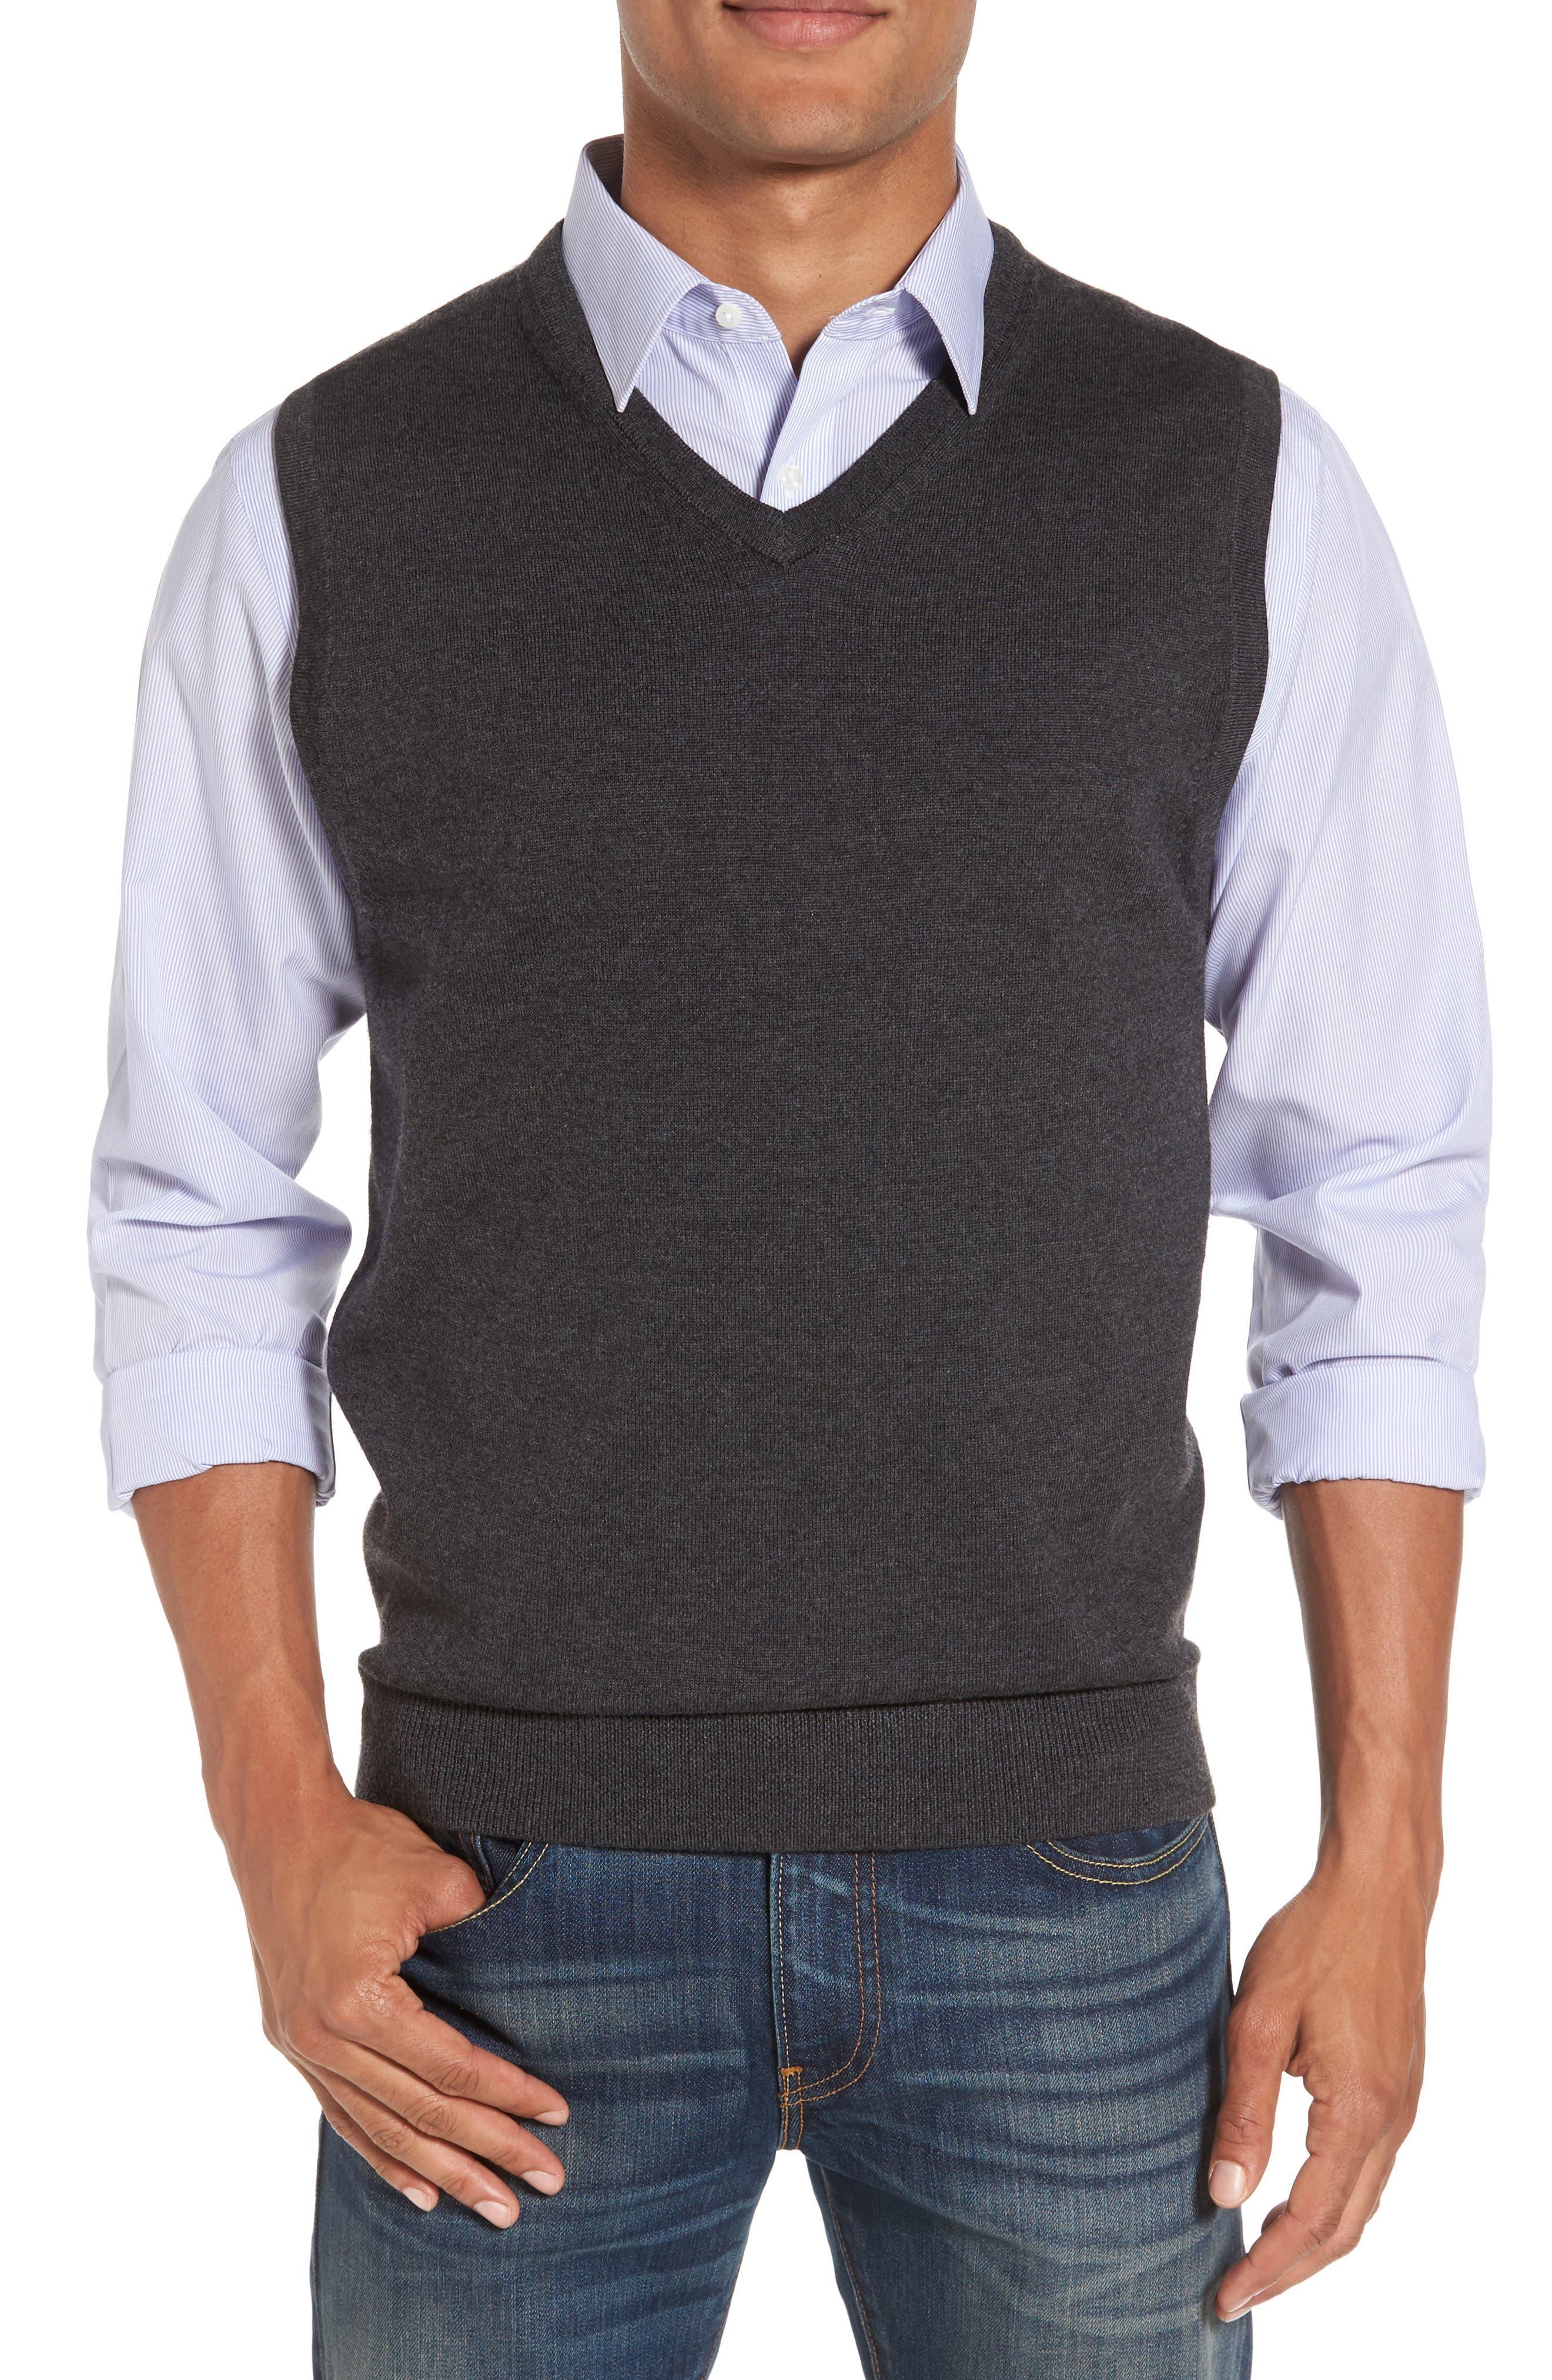 Nordstrom Men's Shop Merino Wool Sweater Vest | Nordstrom